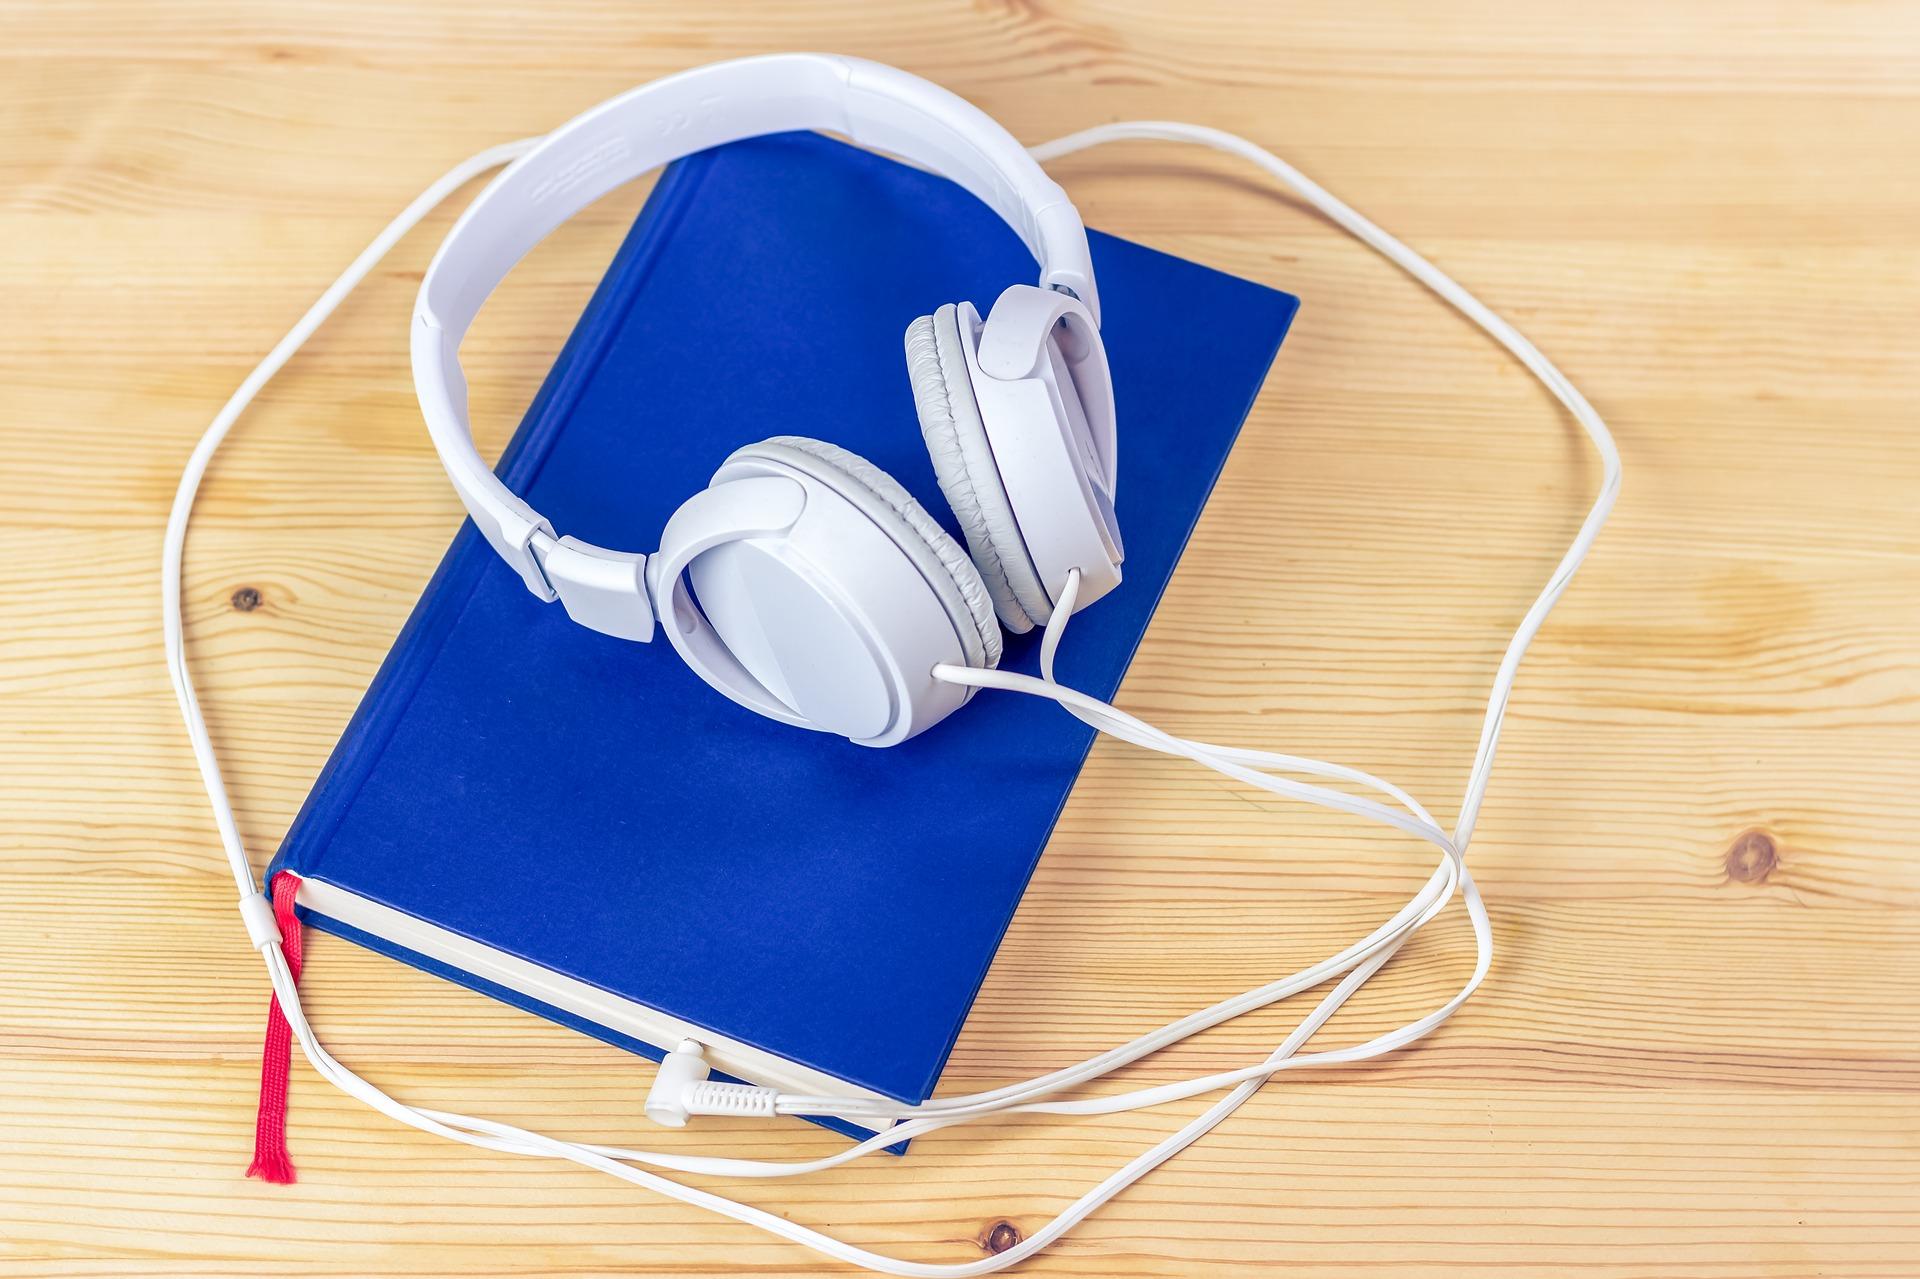 audiolibros sobre marketing